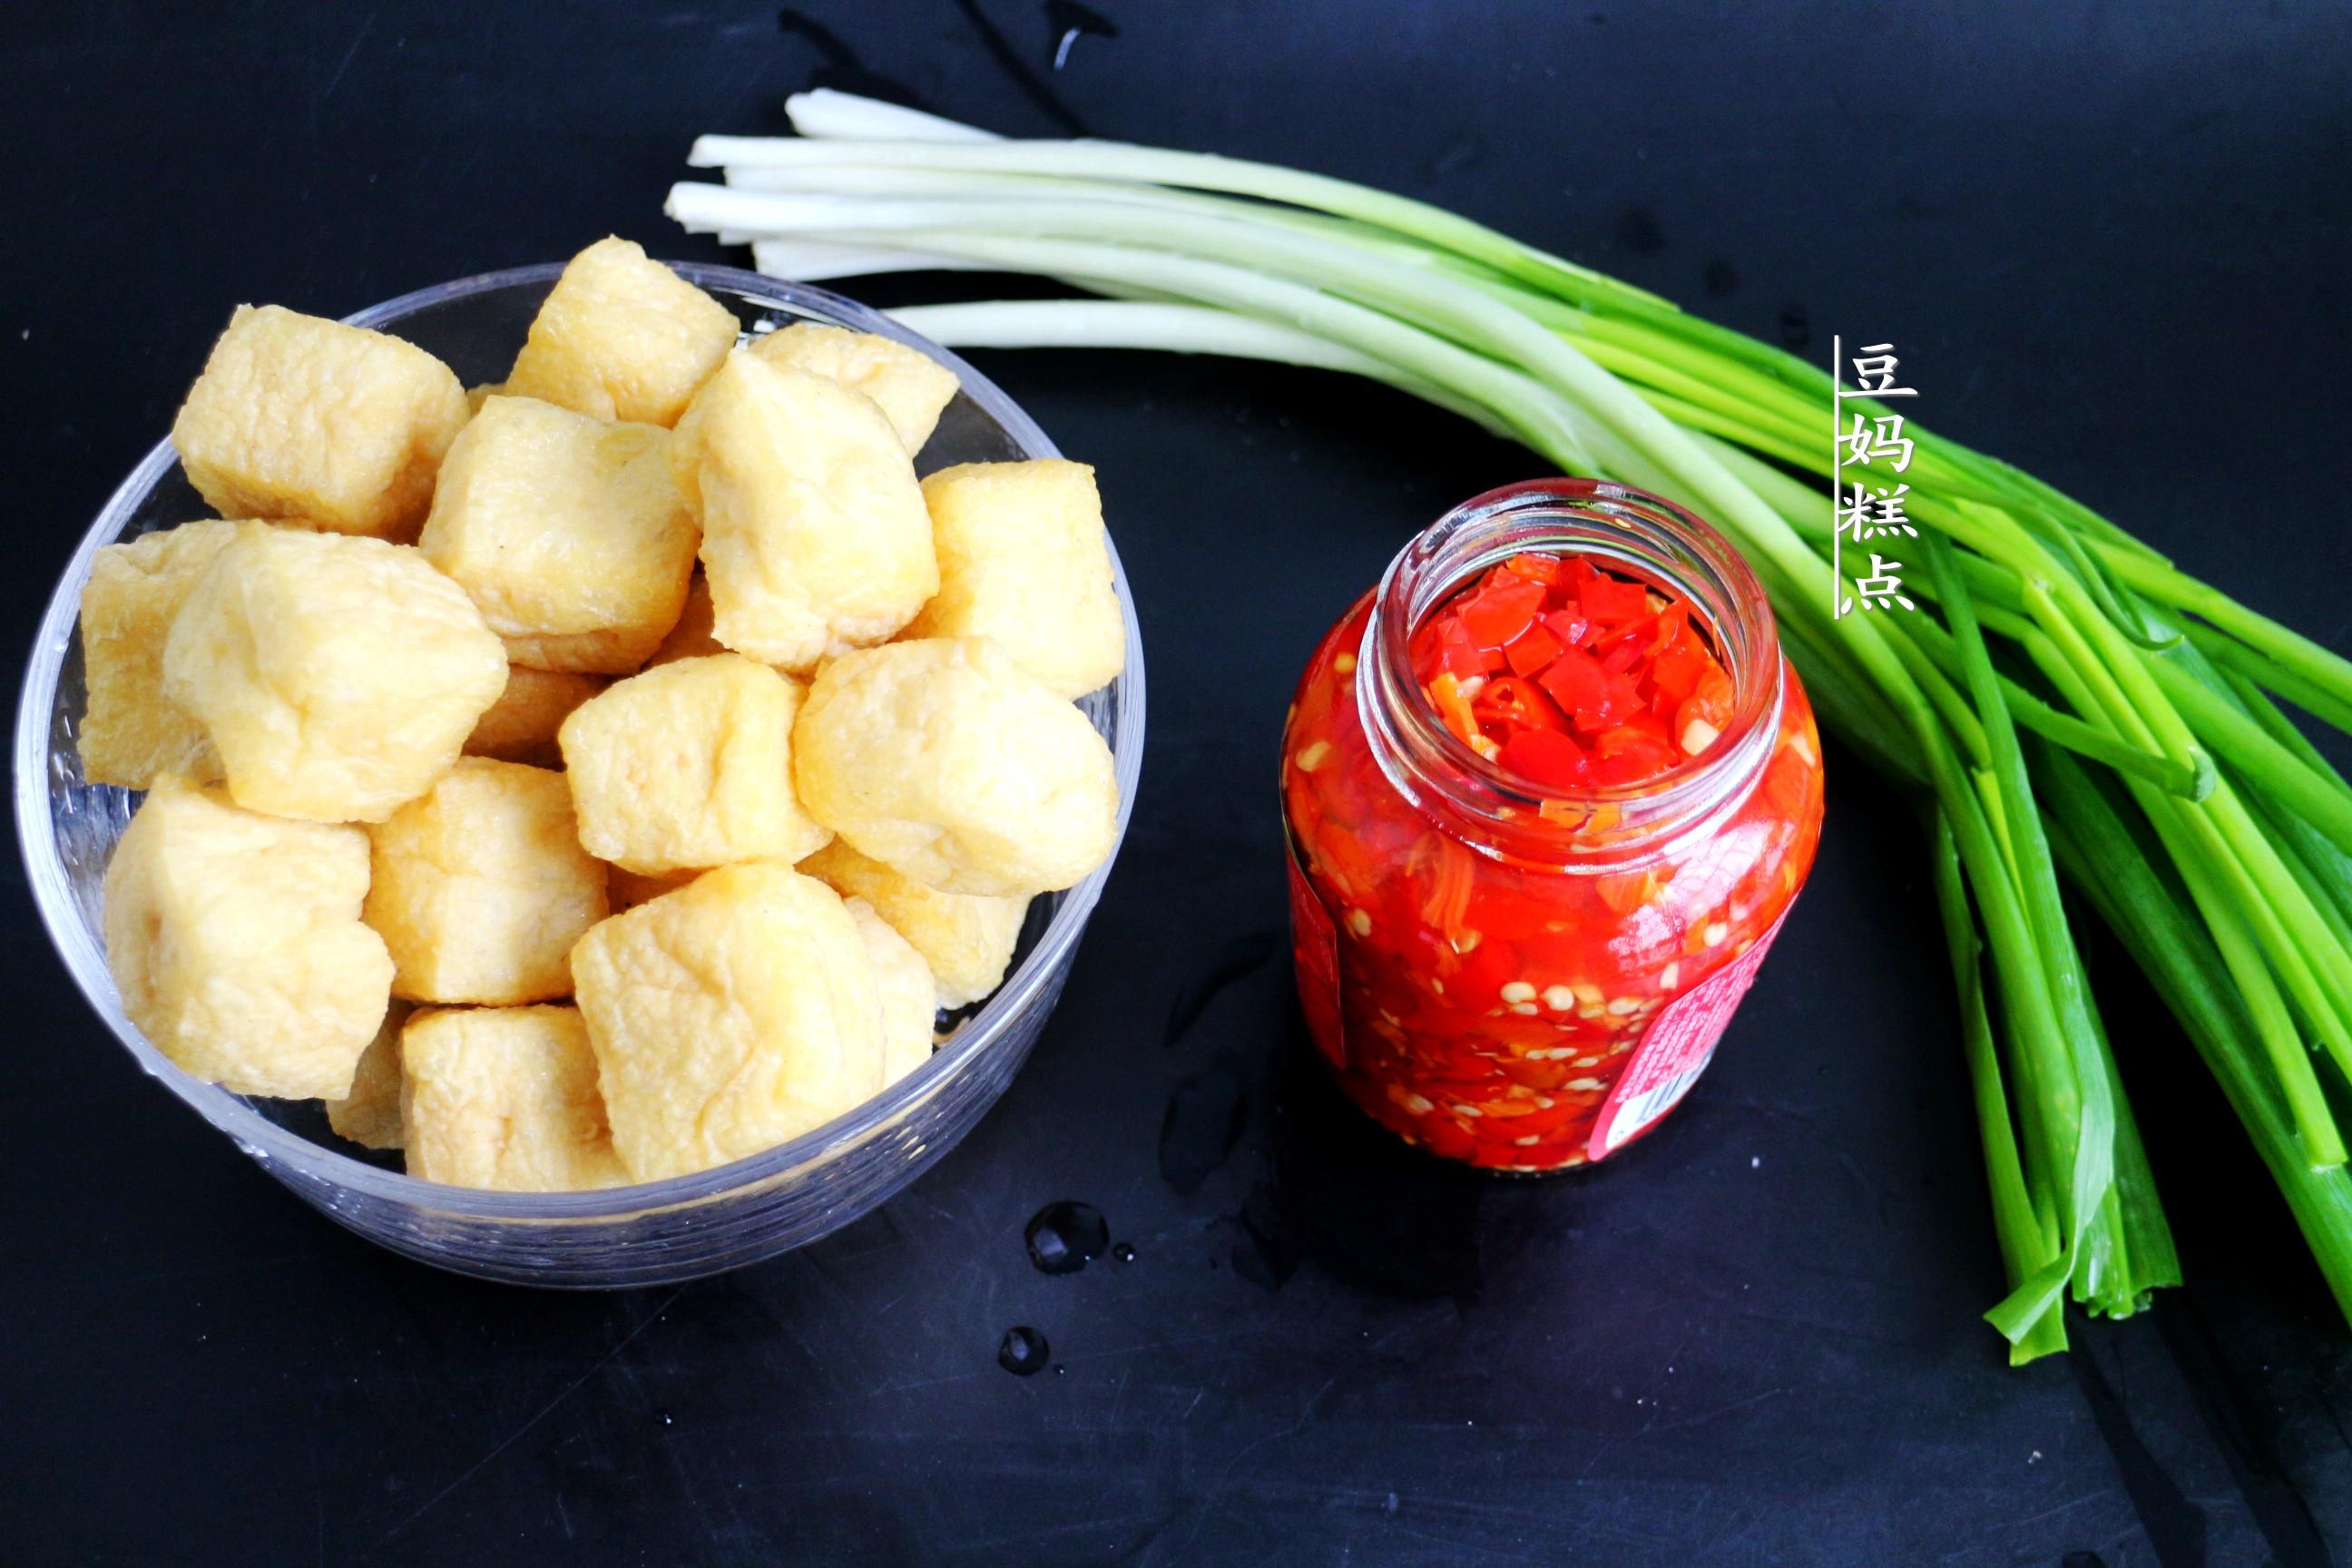 油豆腐泡怎麼炒才好吃? 這樣做,5分鐘上桌,簡單又下飯